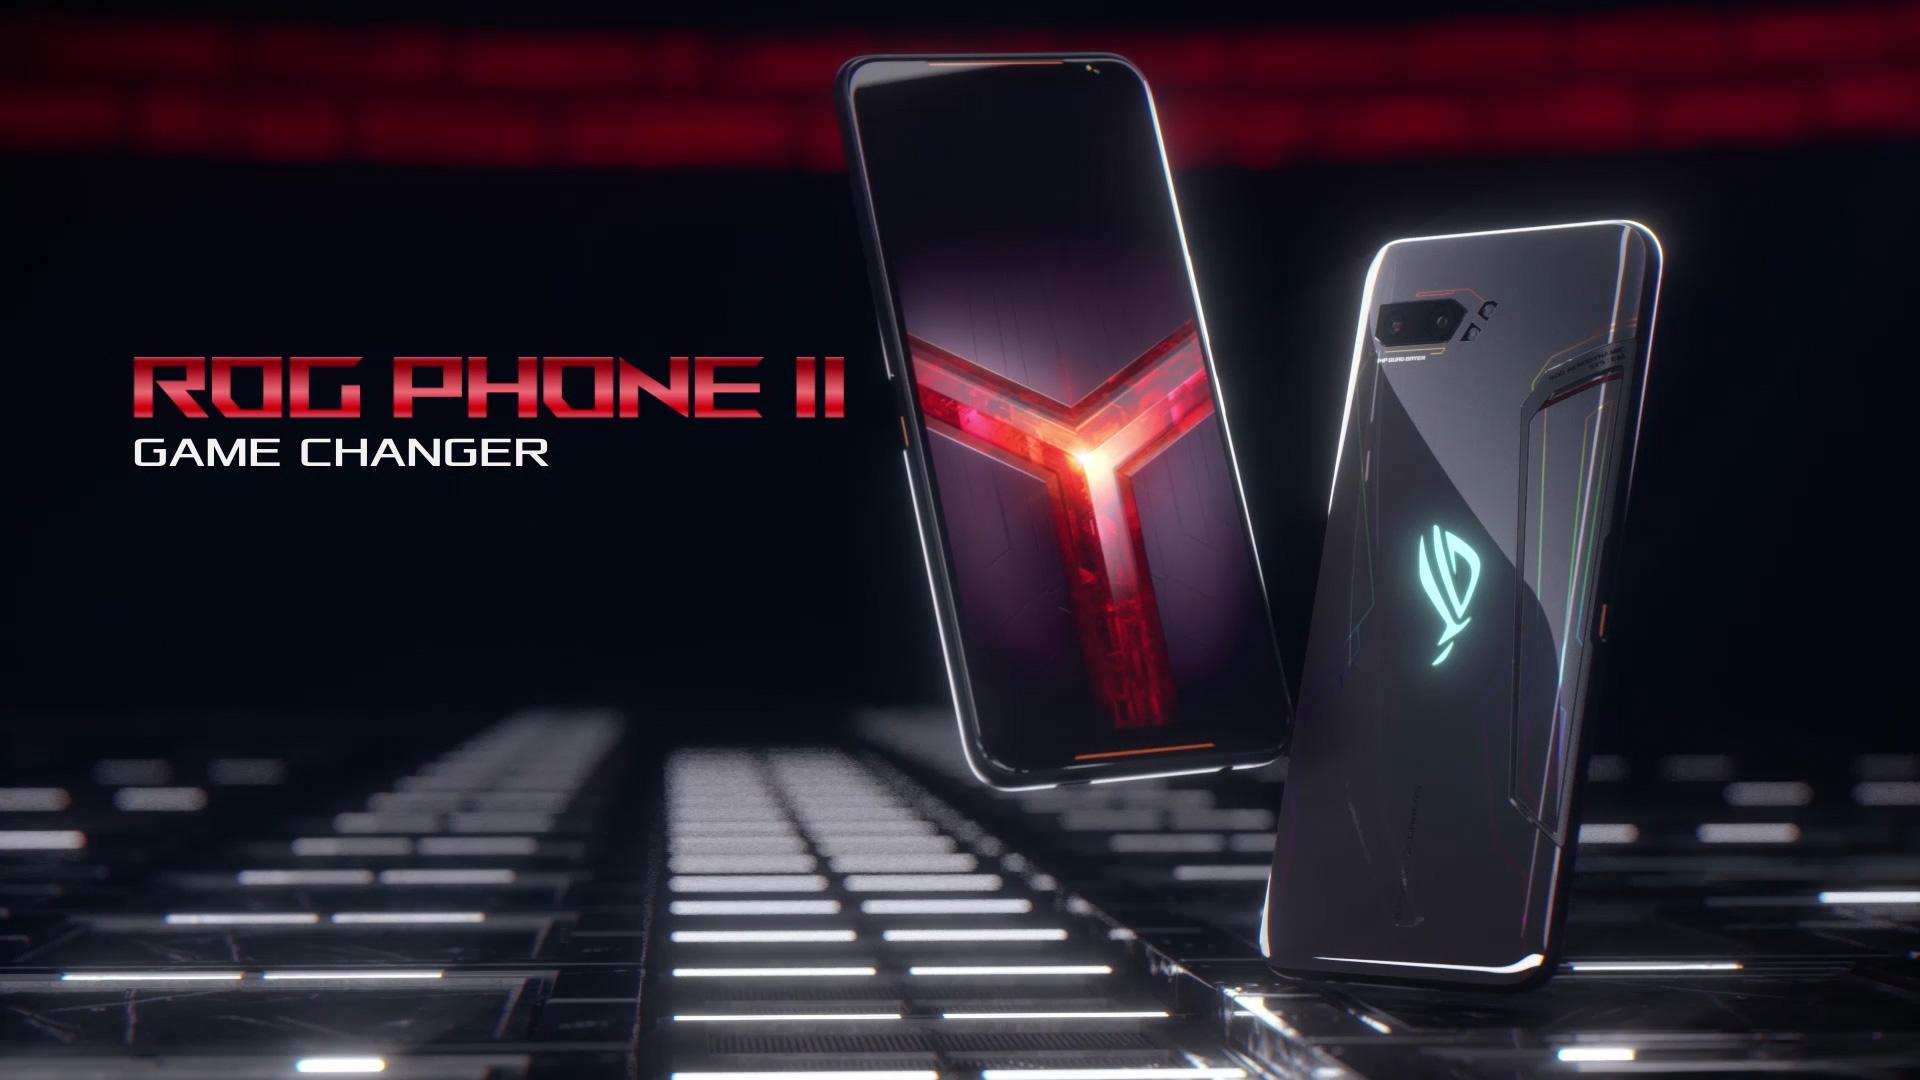 Rog Phone Ii (英文字卡) Hd (0 01 02 05)